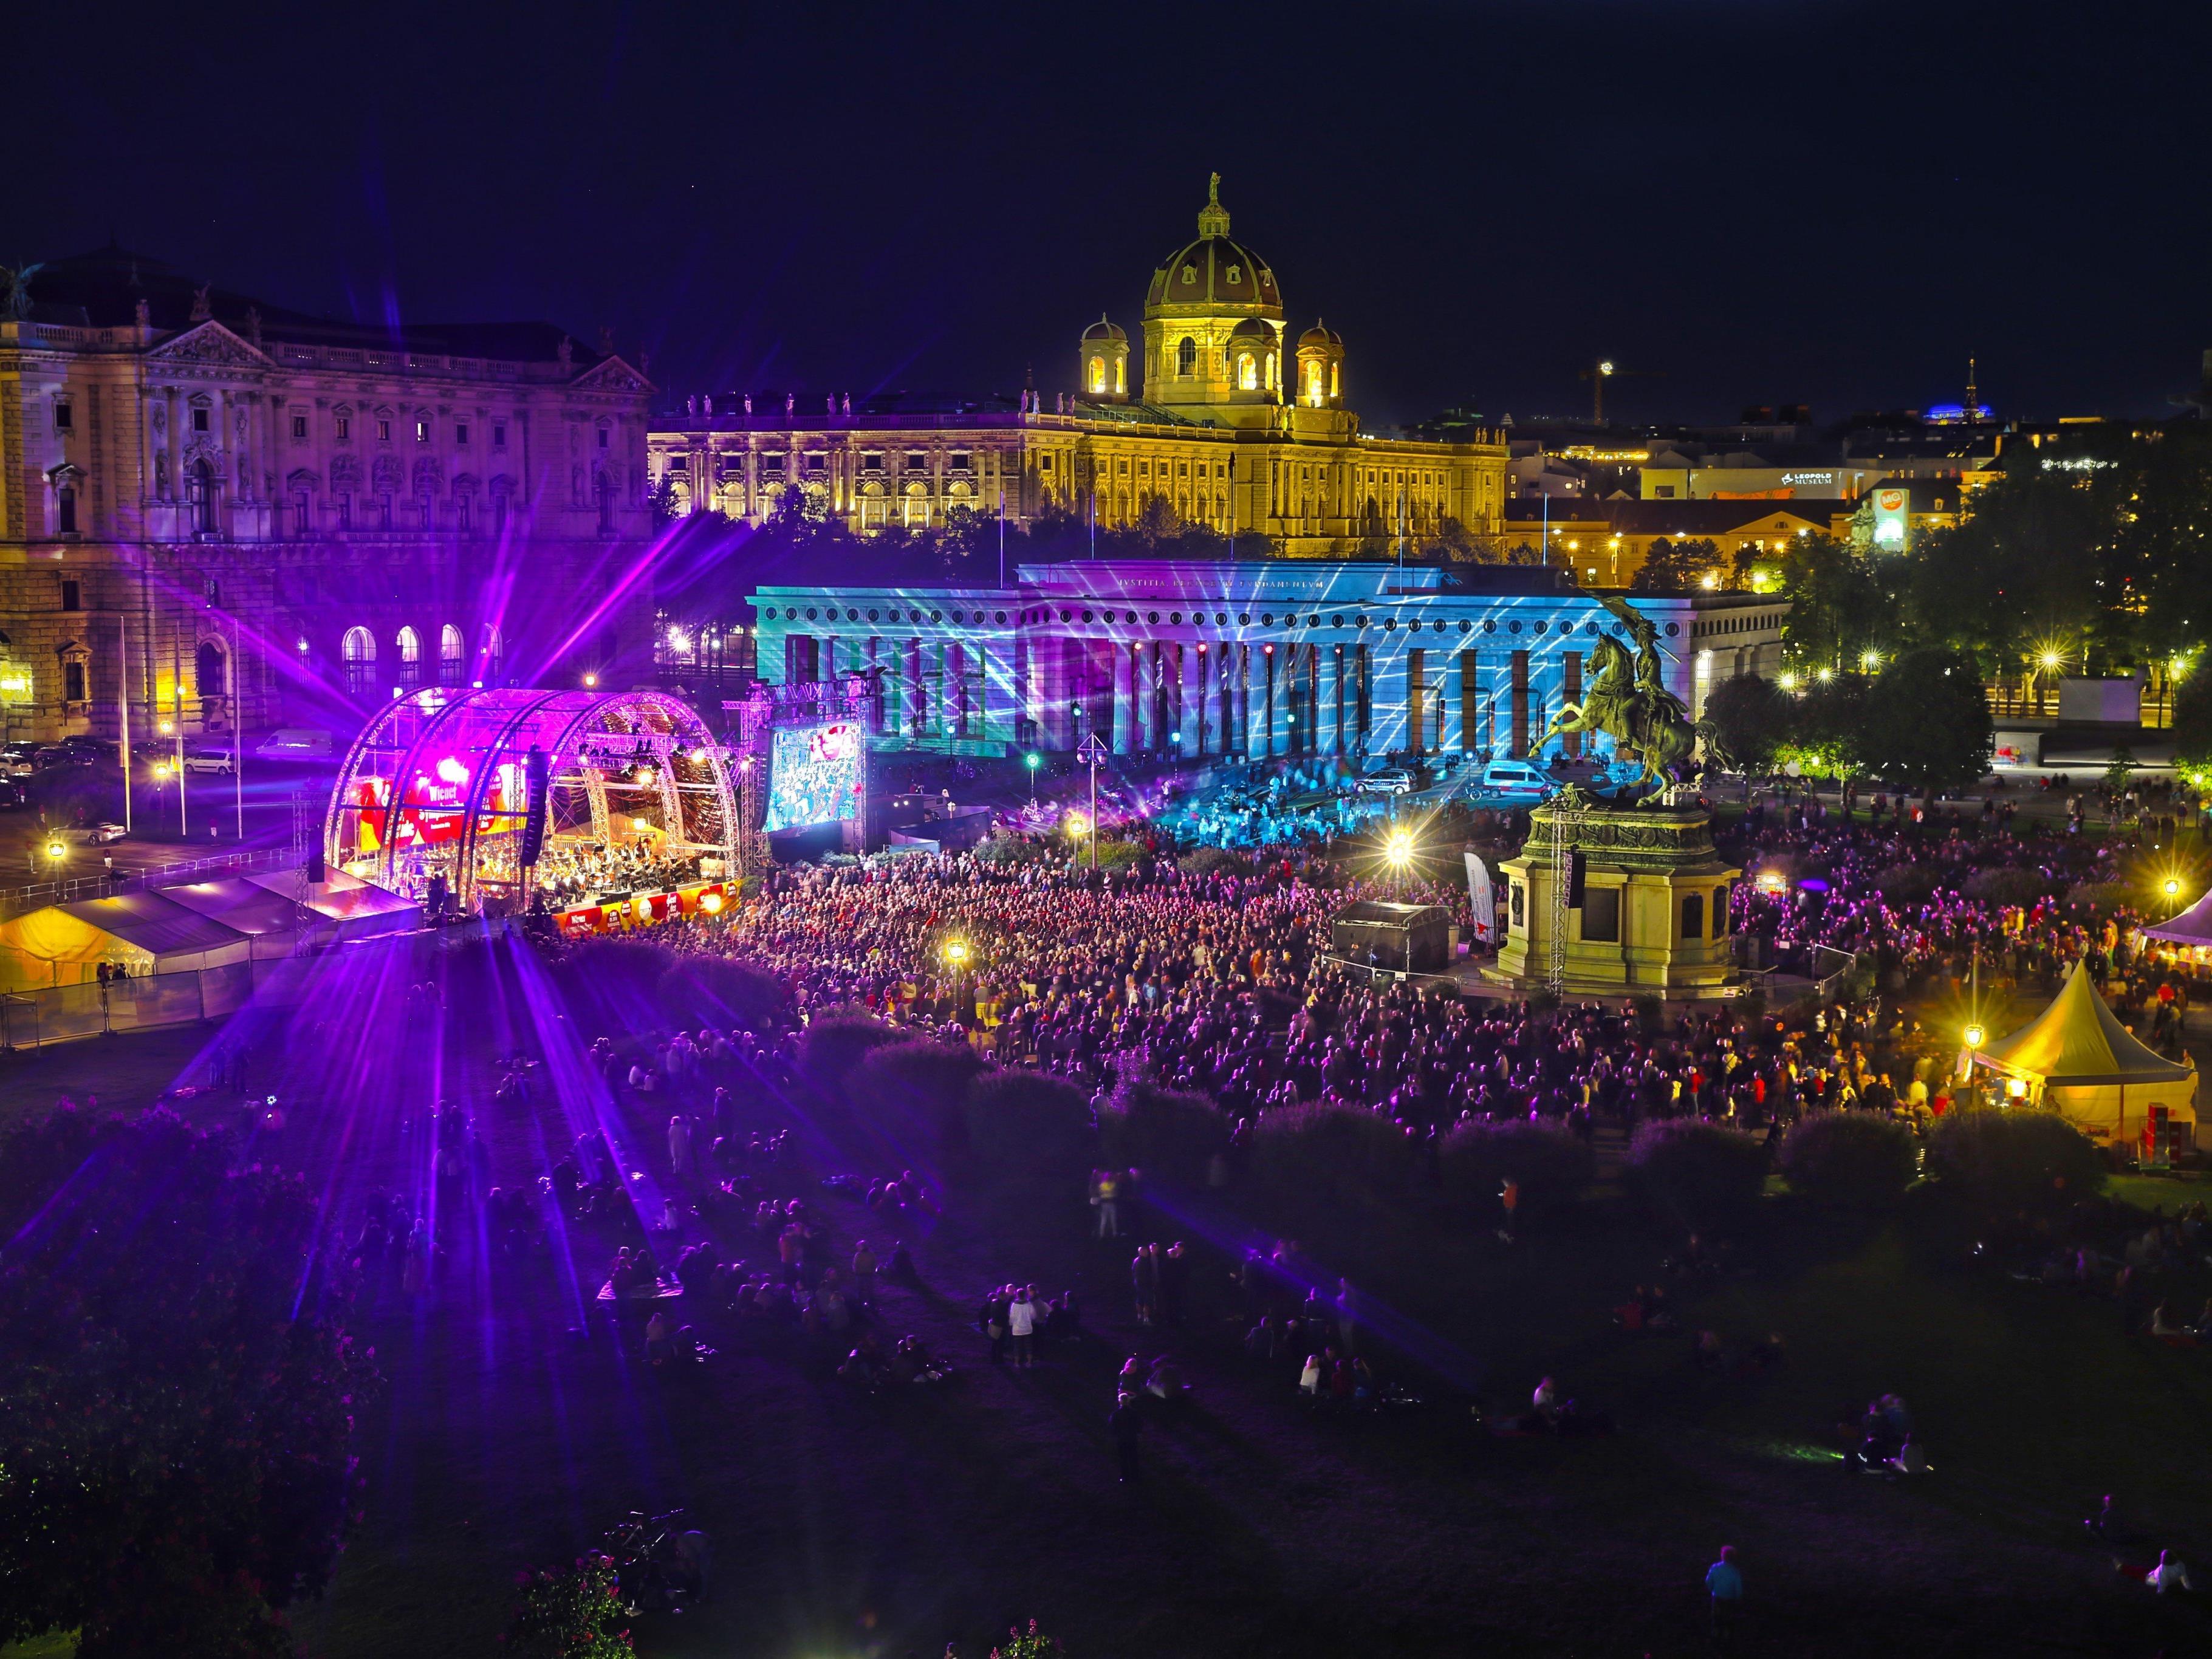 Am 8. Mai findet das Fest der Freude am Wiener Heldenplatz statt.